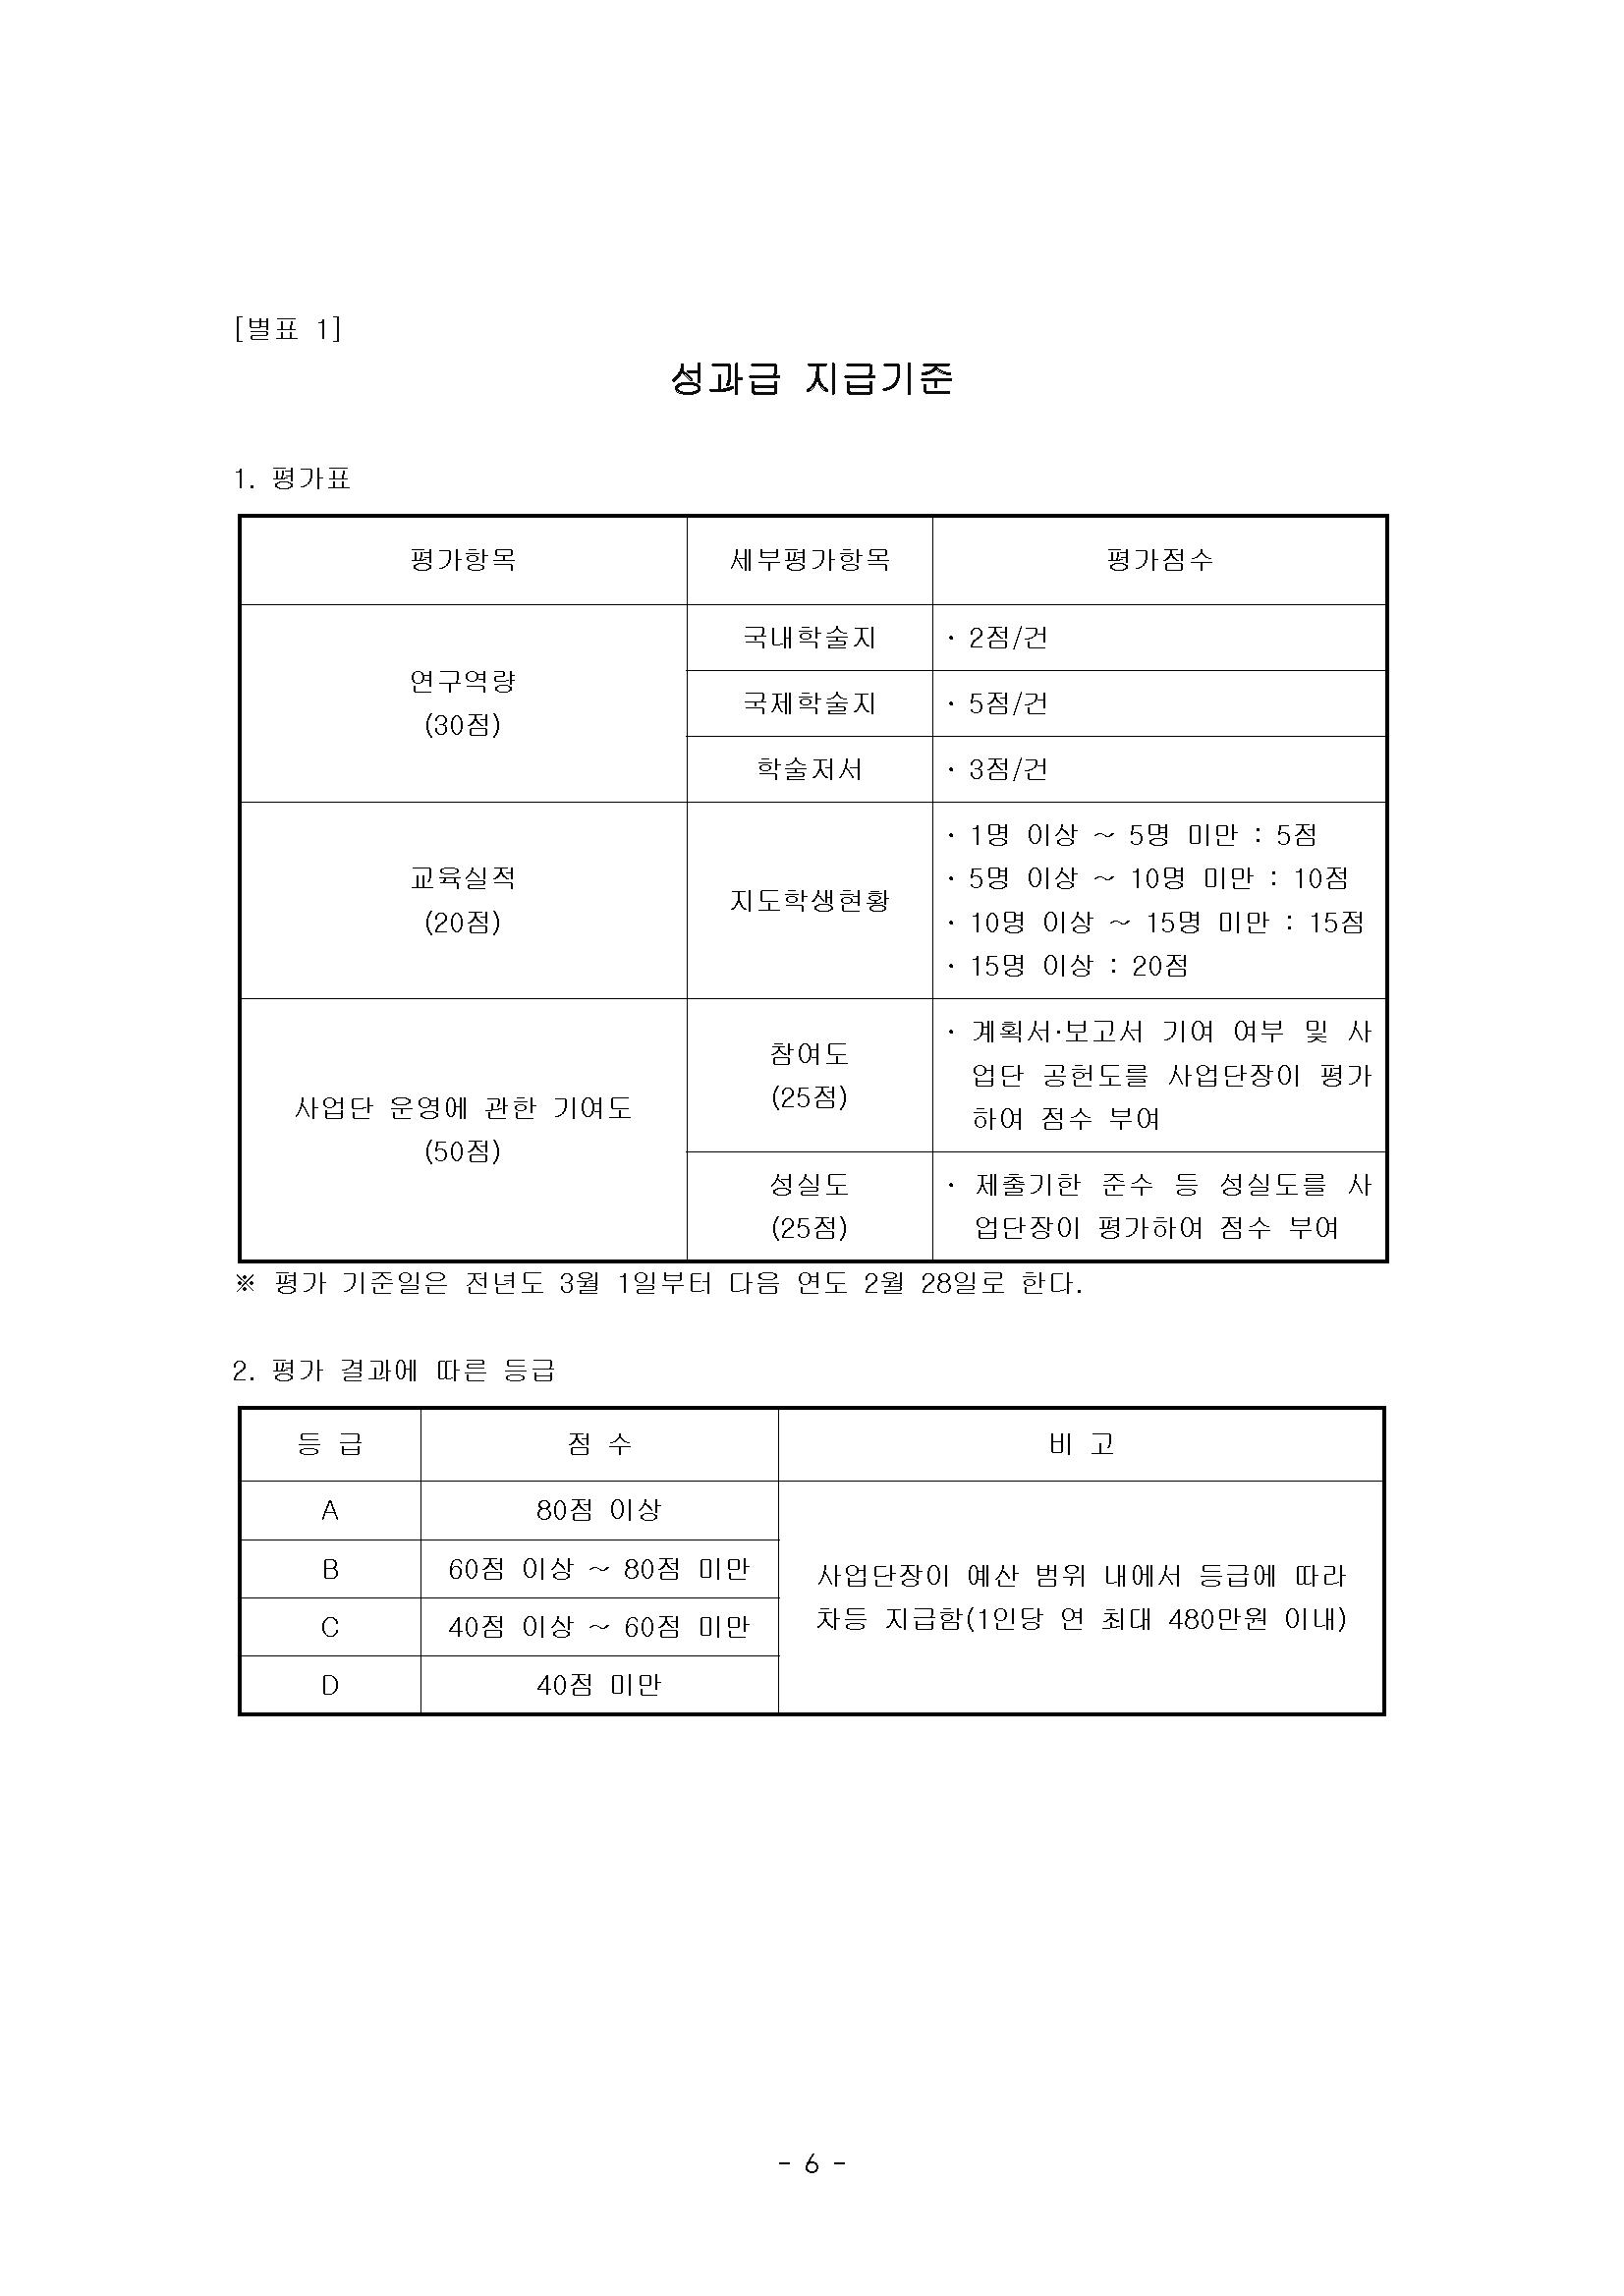 운영내규_페이지_6